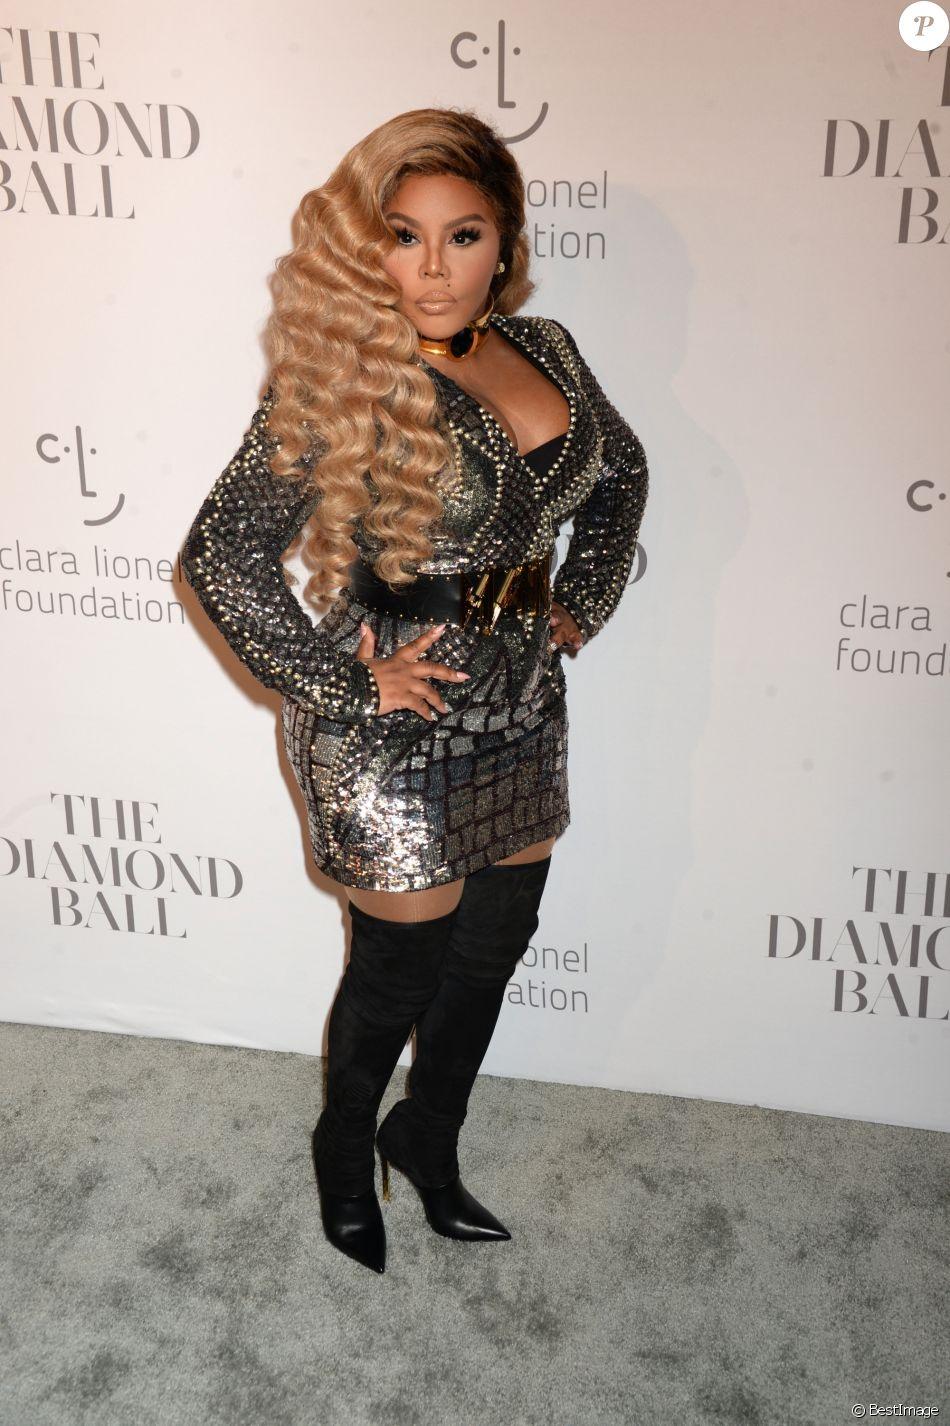 Lil' Kim à la soirée Diamond Ball à New York le 14 septembre 2017.